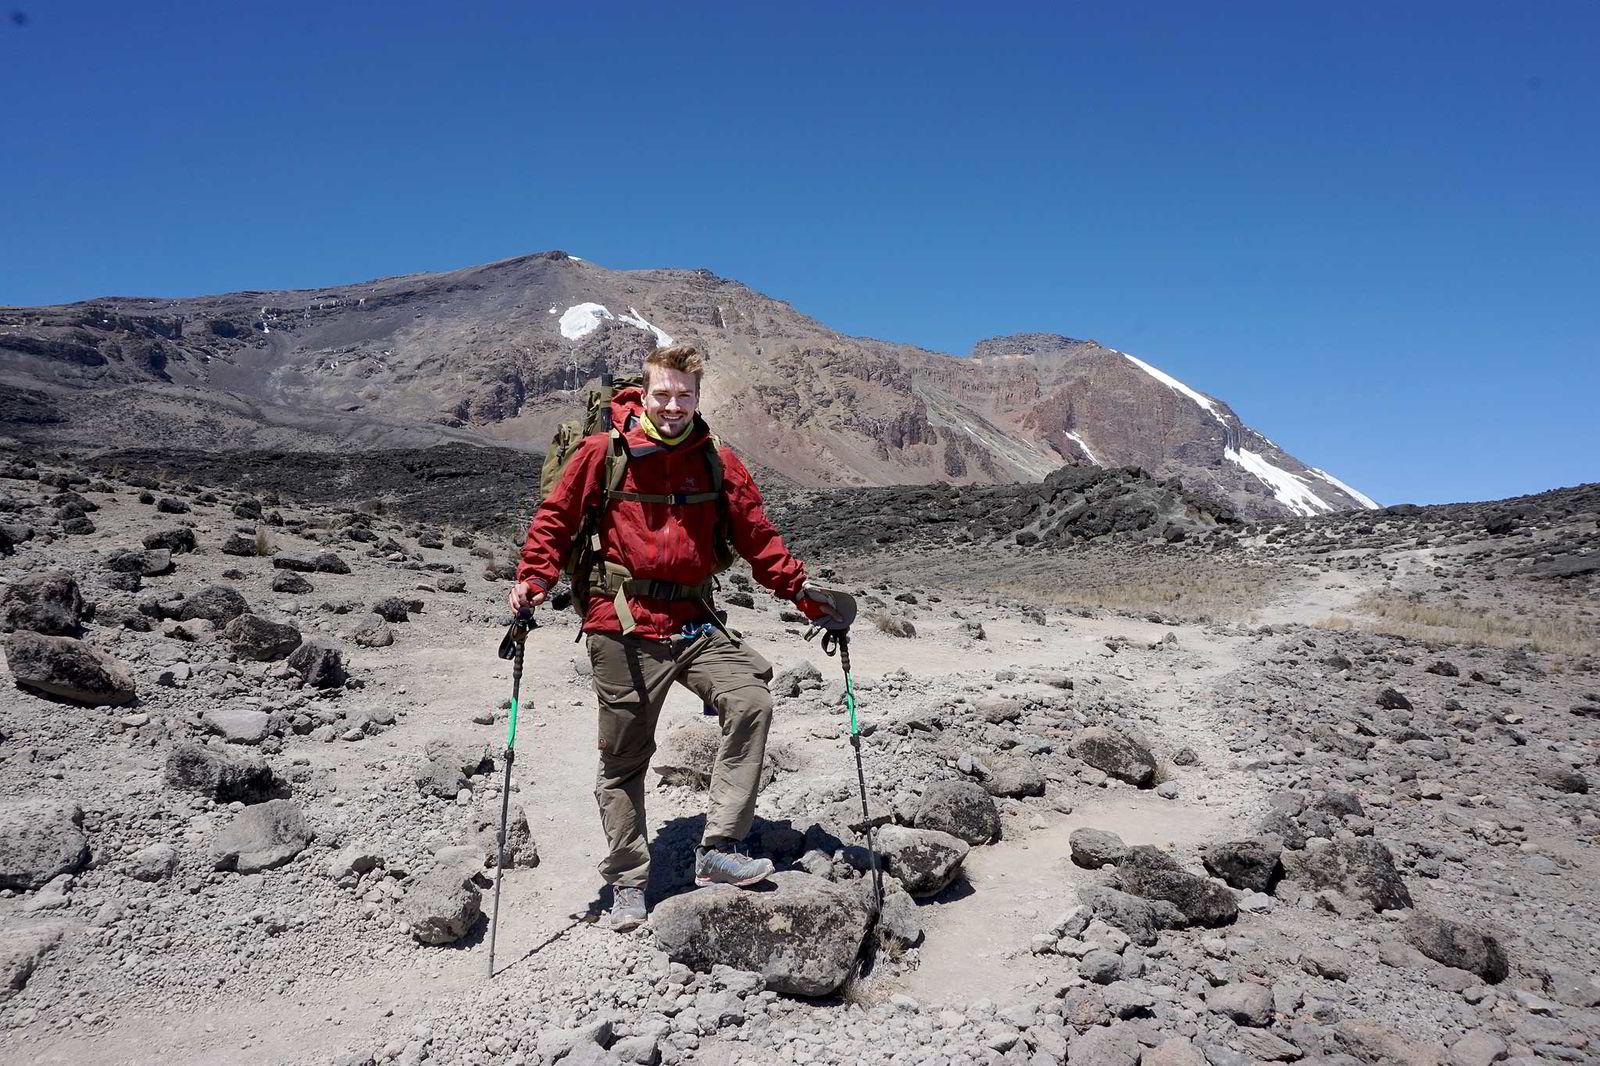 Fra turen opp Kilimanjaro.